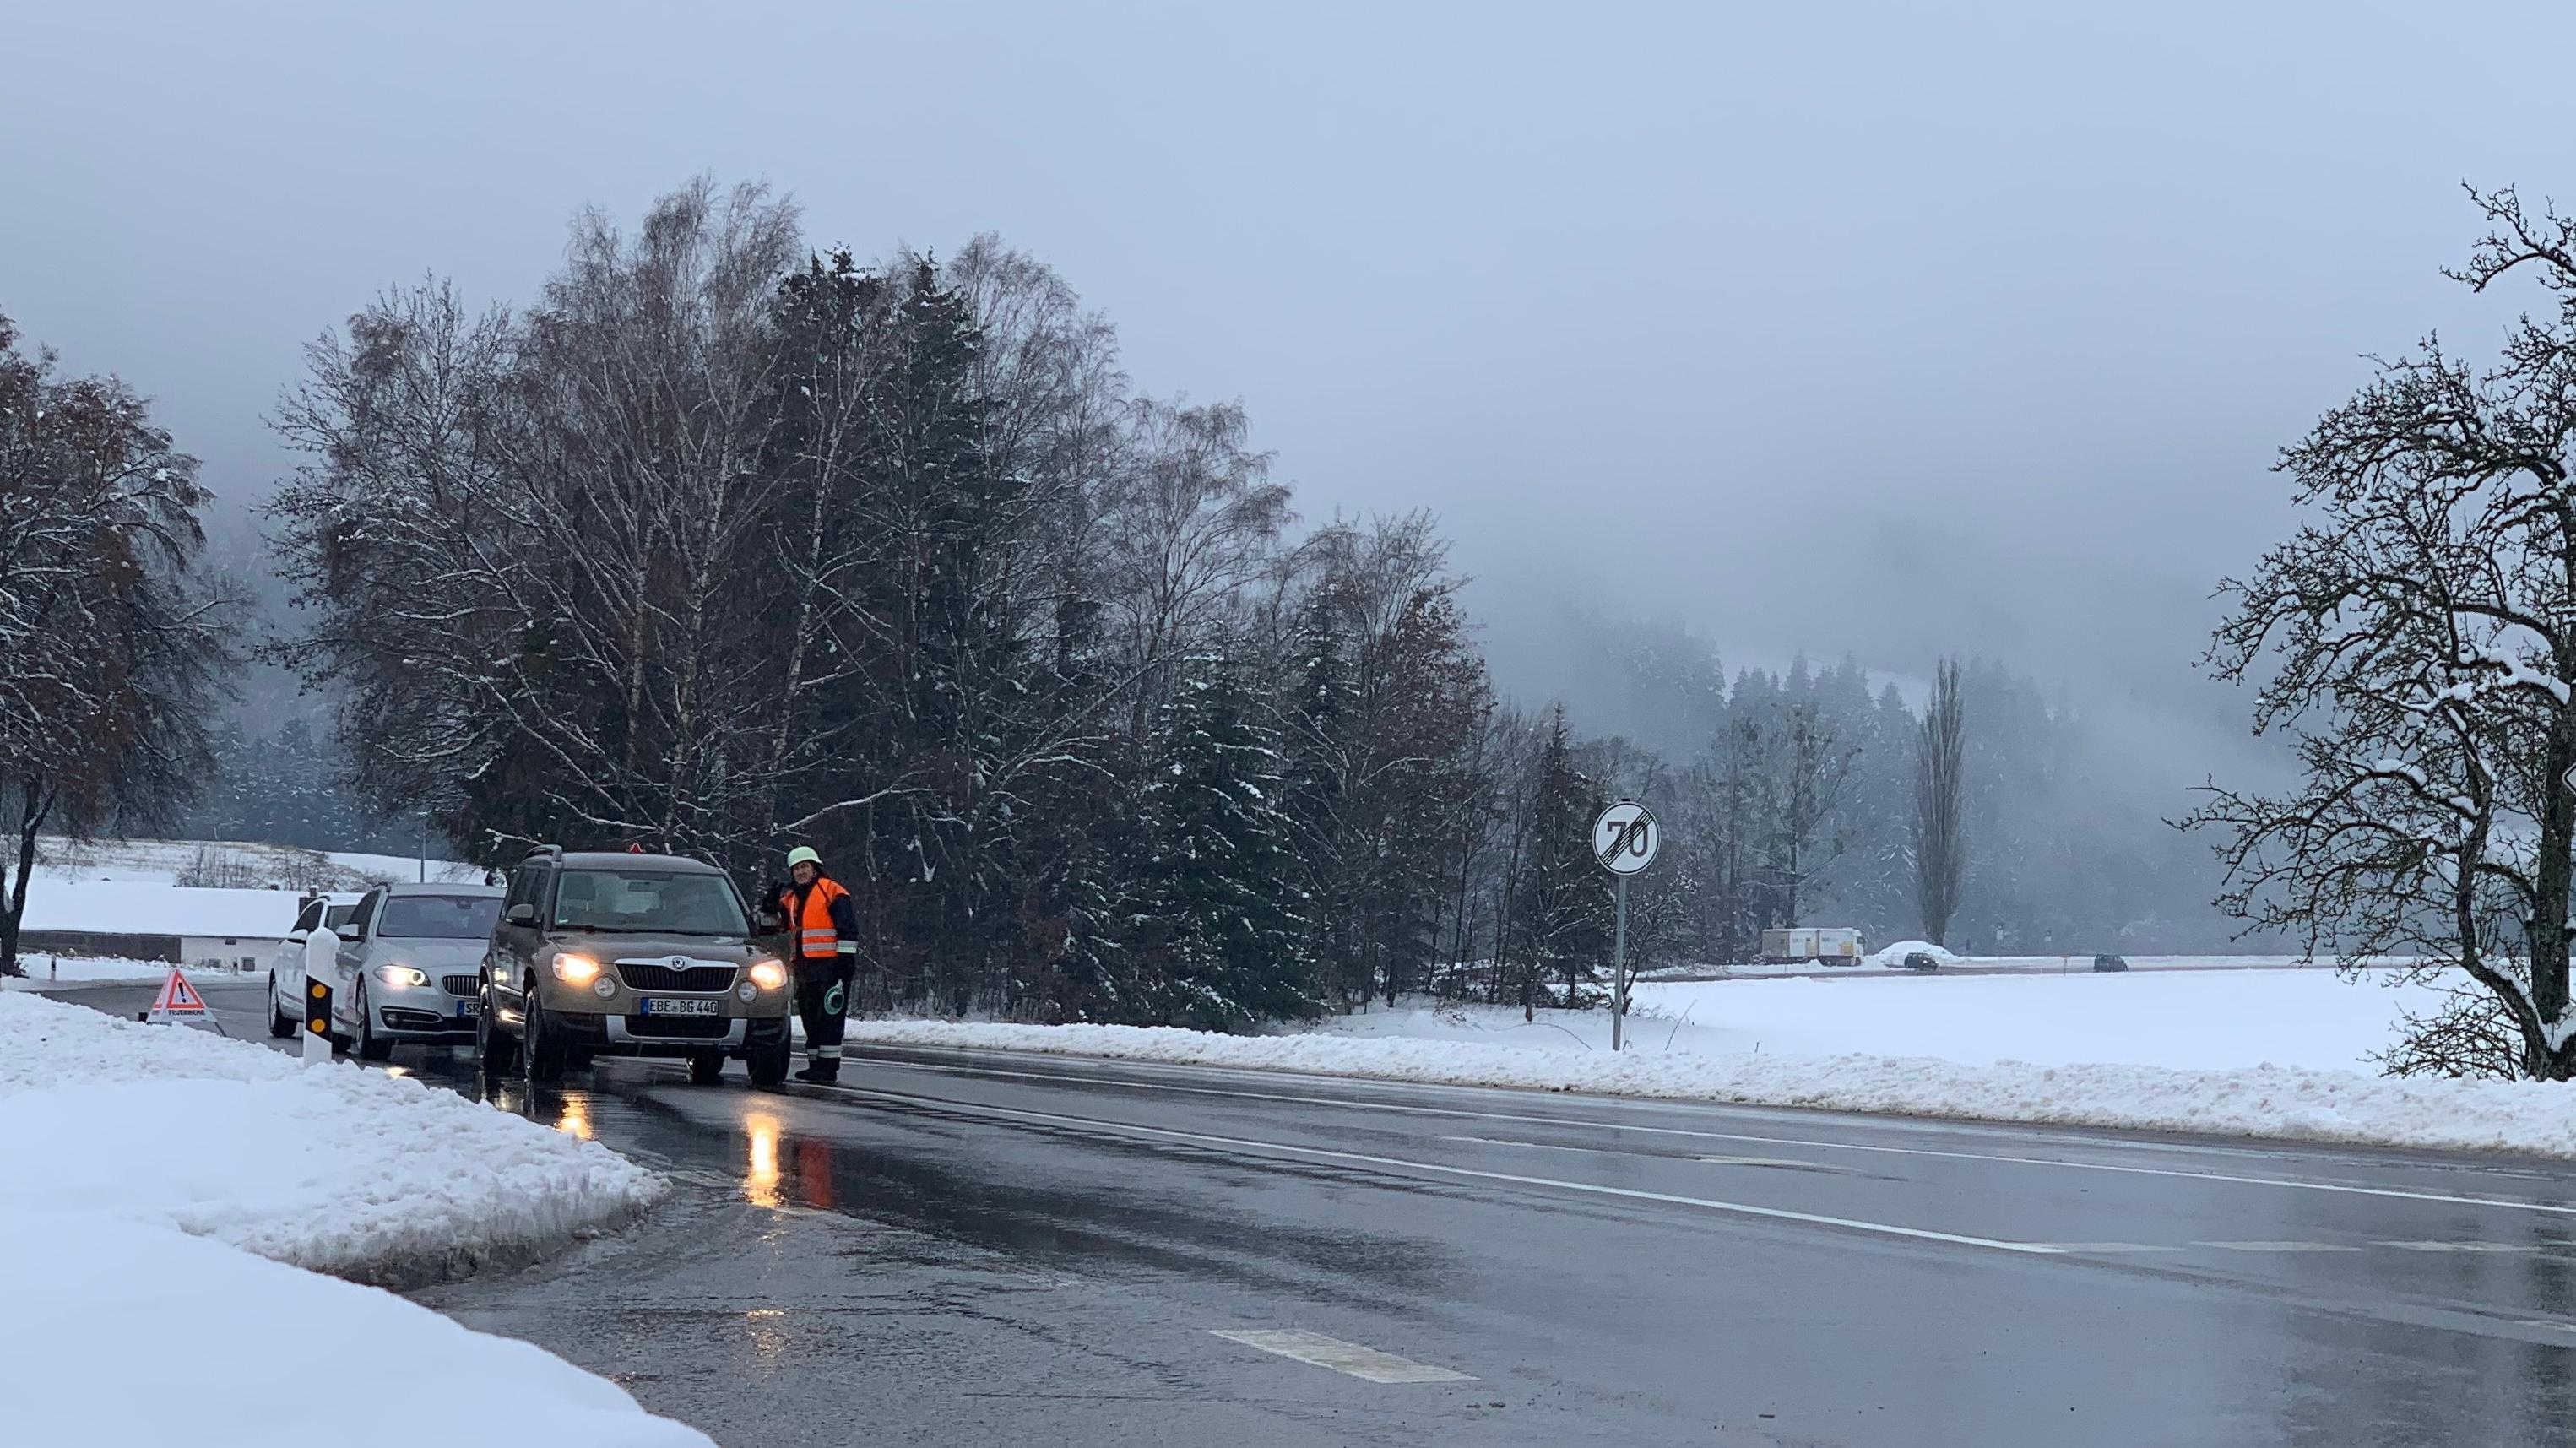 Straße bei Sankt Englmar im winterlichen Bayerischen Wald